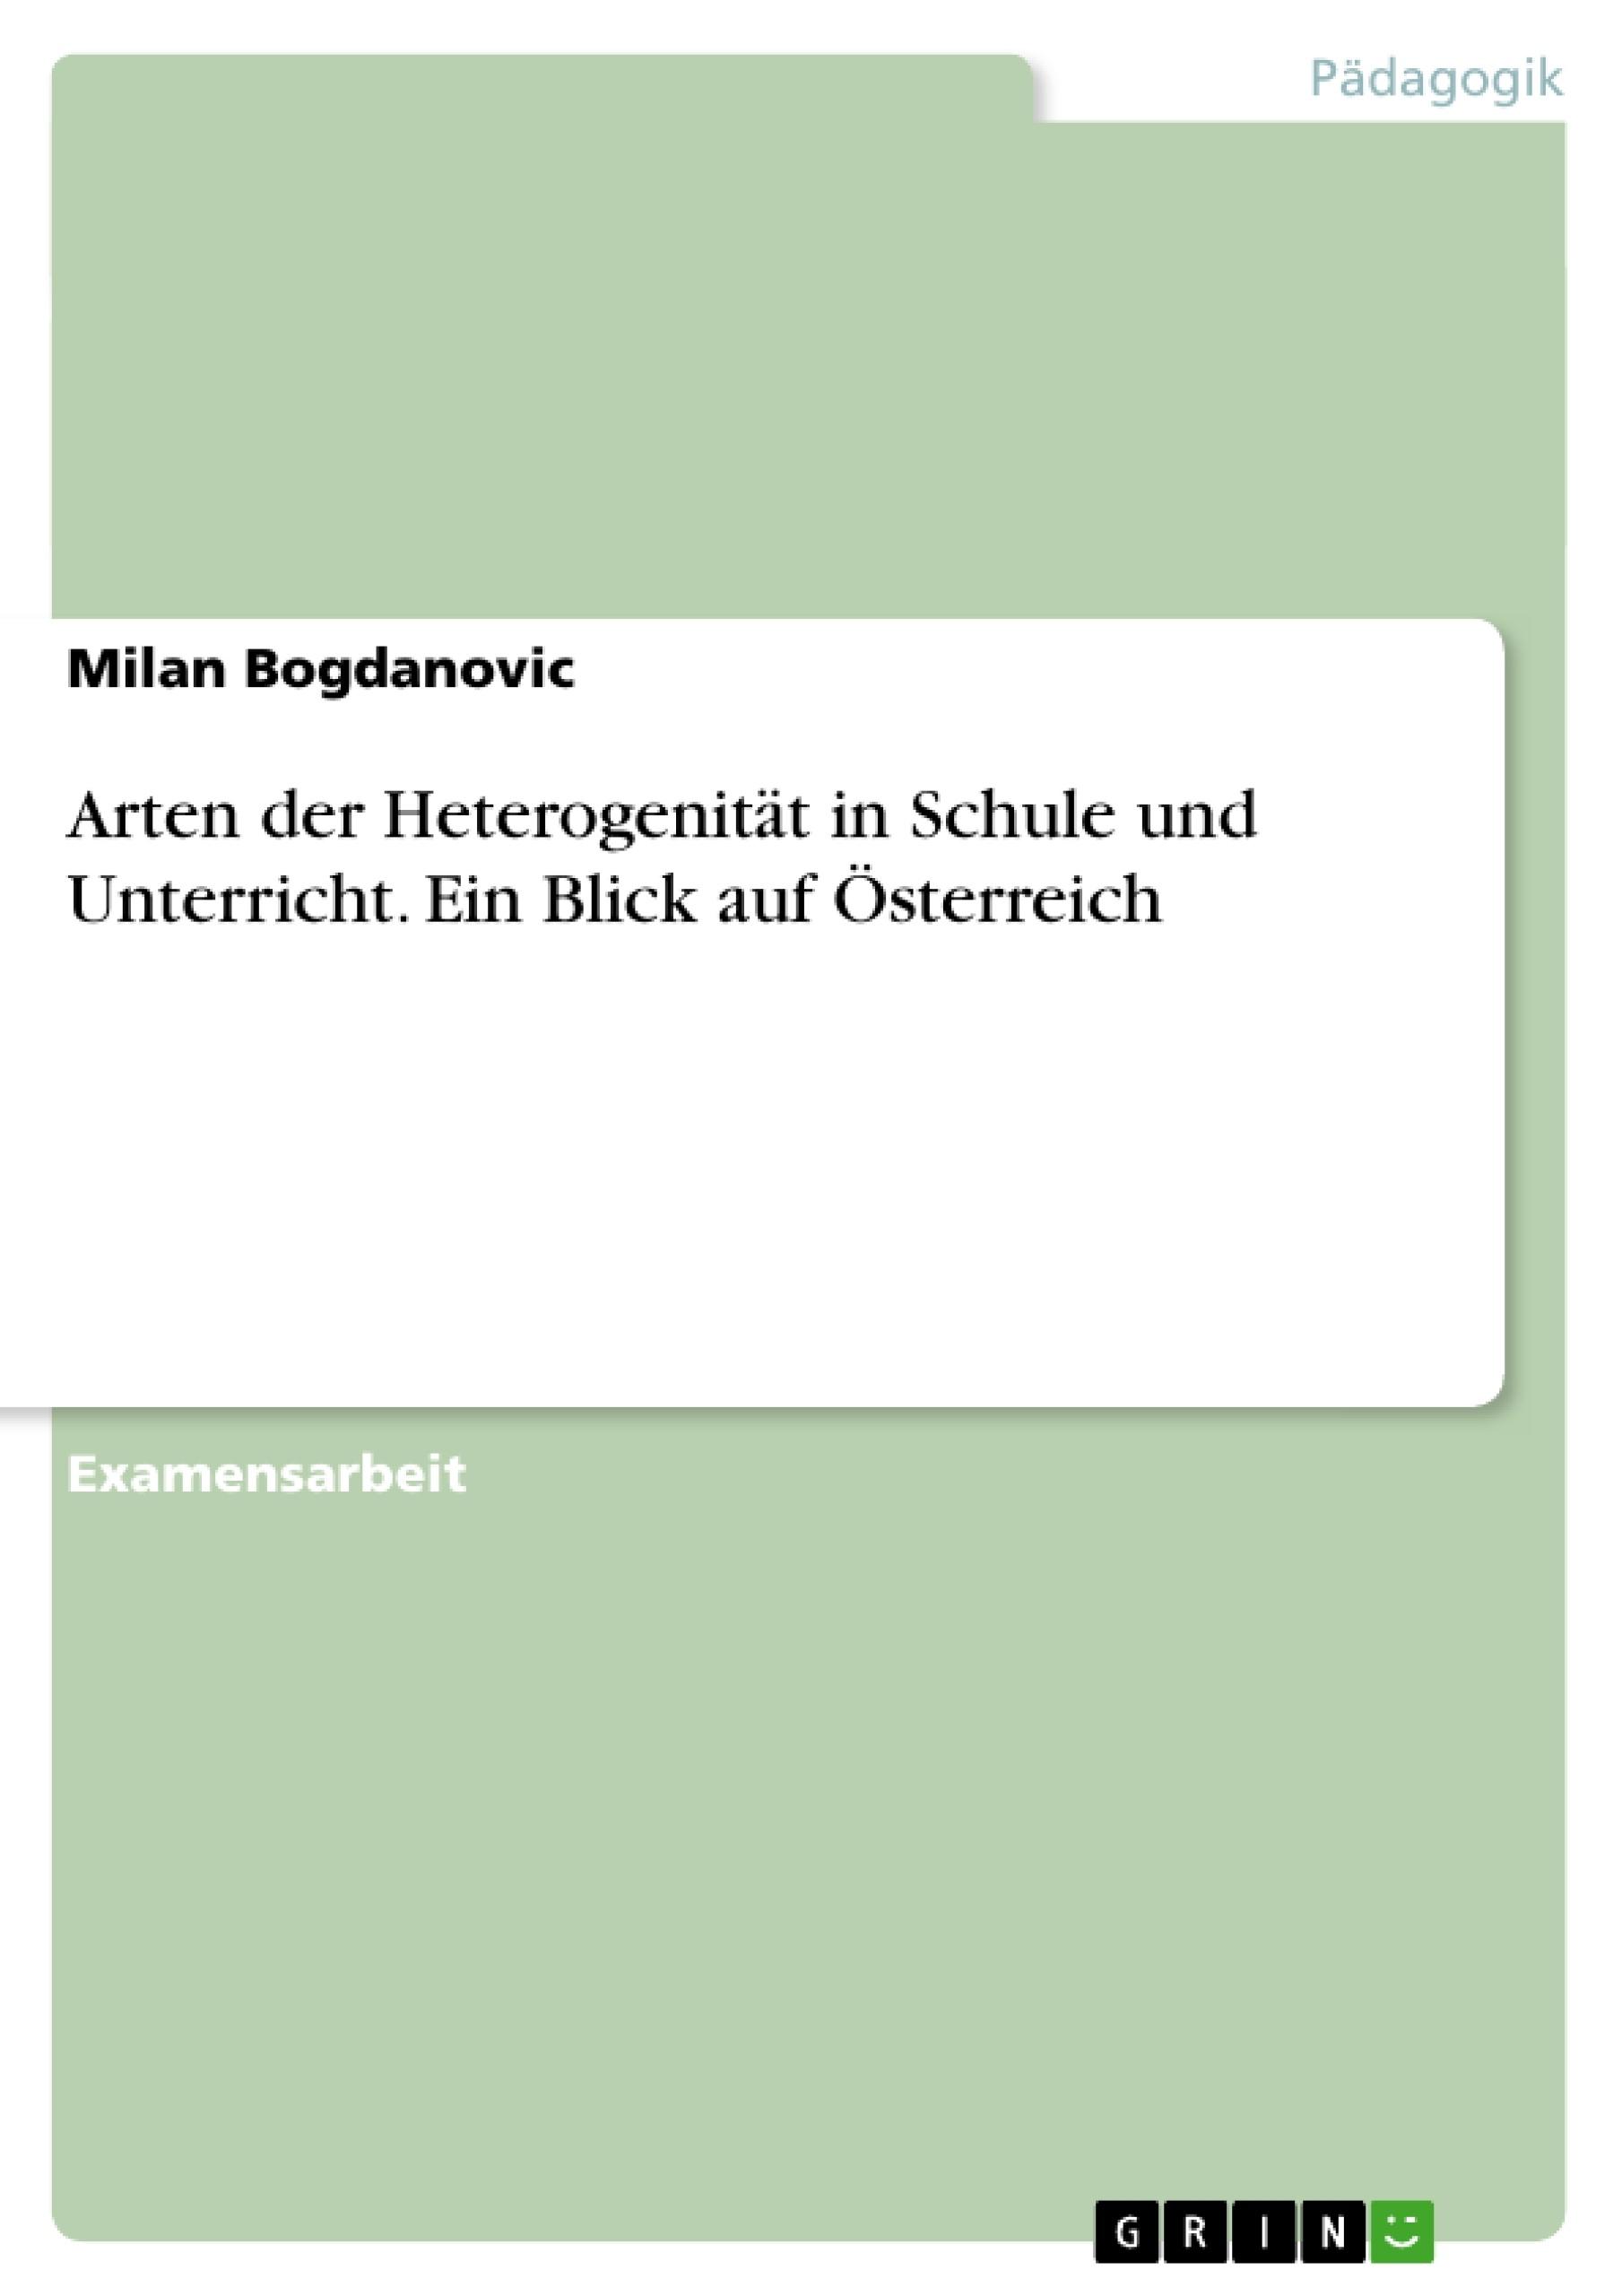 Titel: Arten der Heterogenität in Schule und Unterricht. Ein Blick auf Österreich